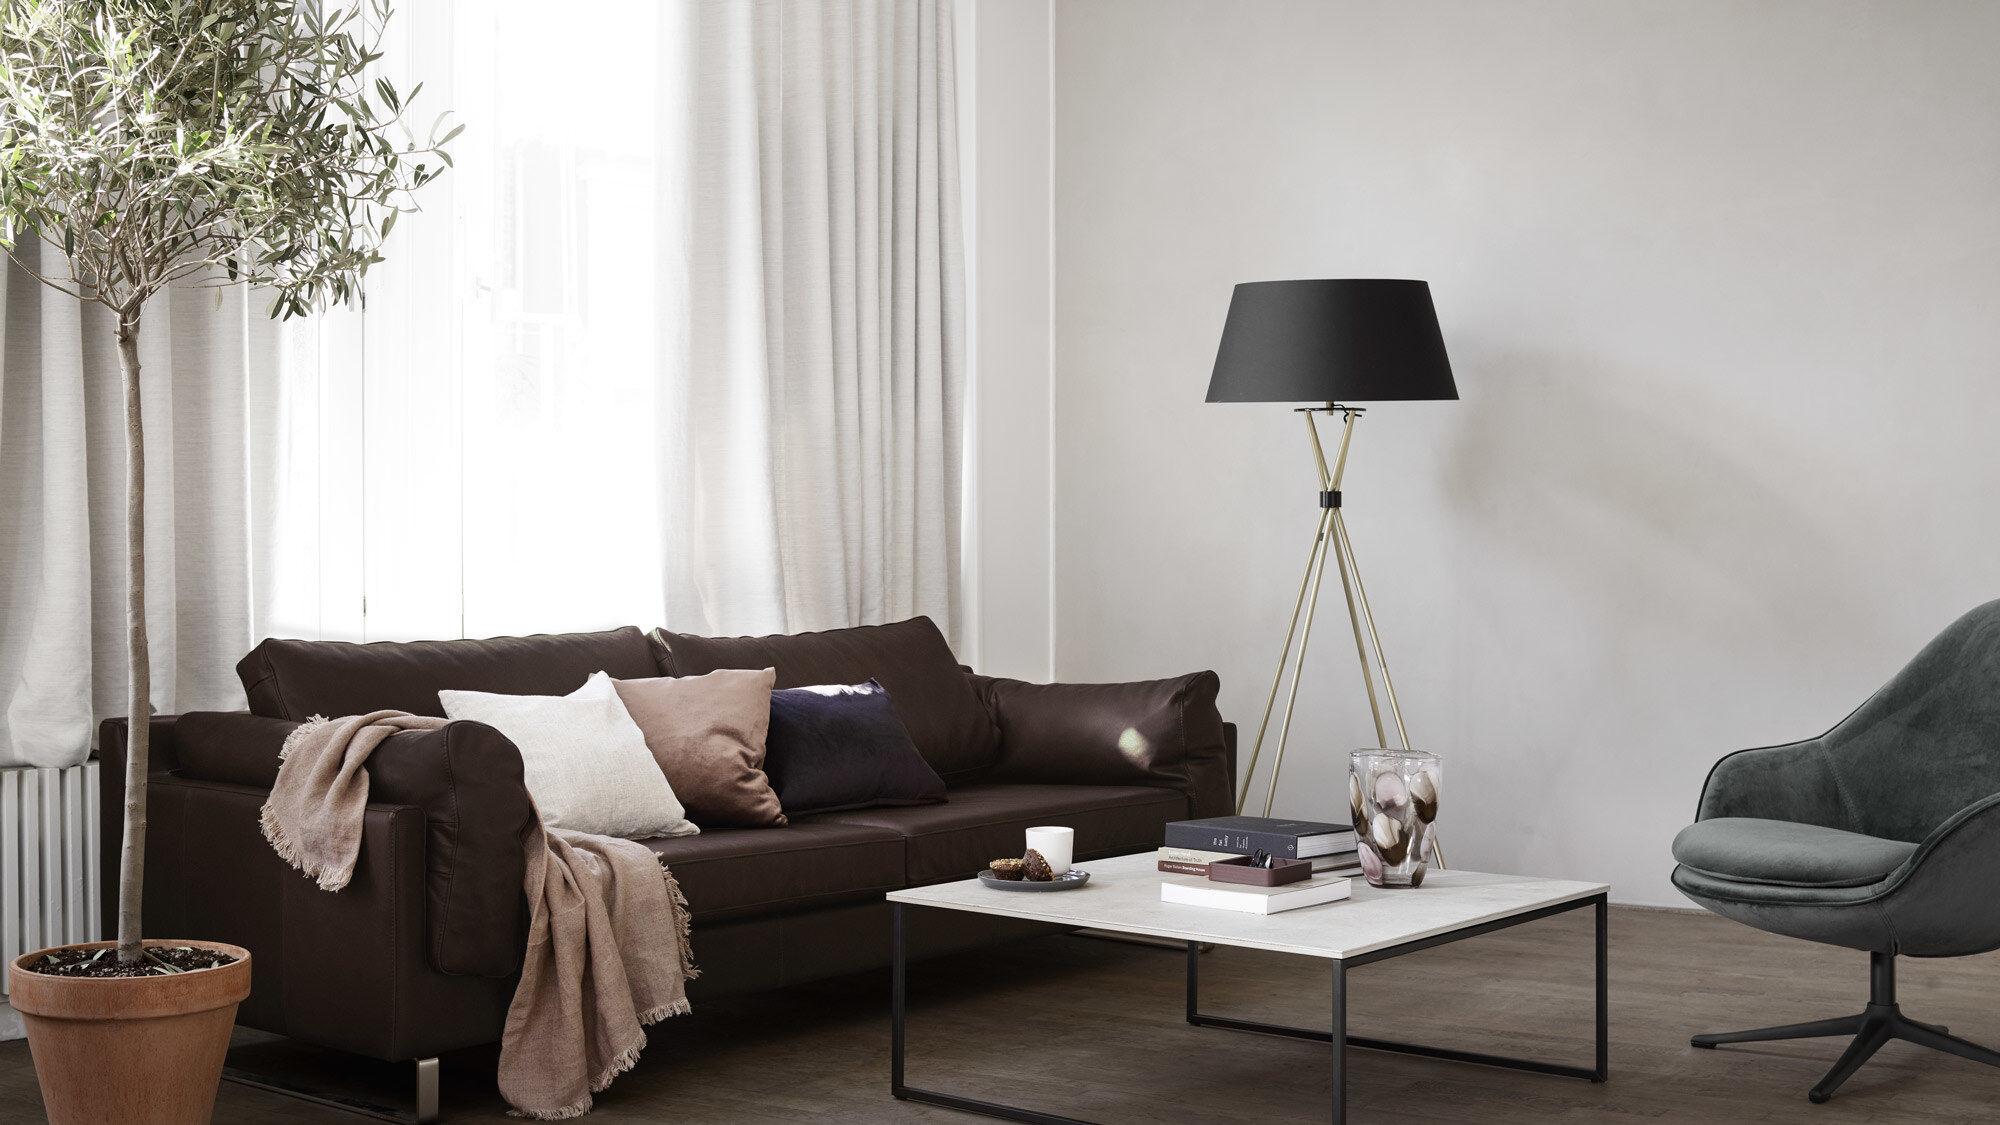 Лампы - Напольный светильник 'Outrigger'